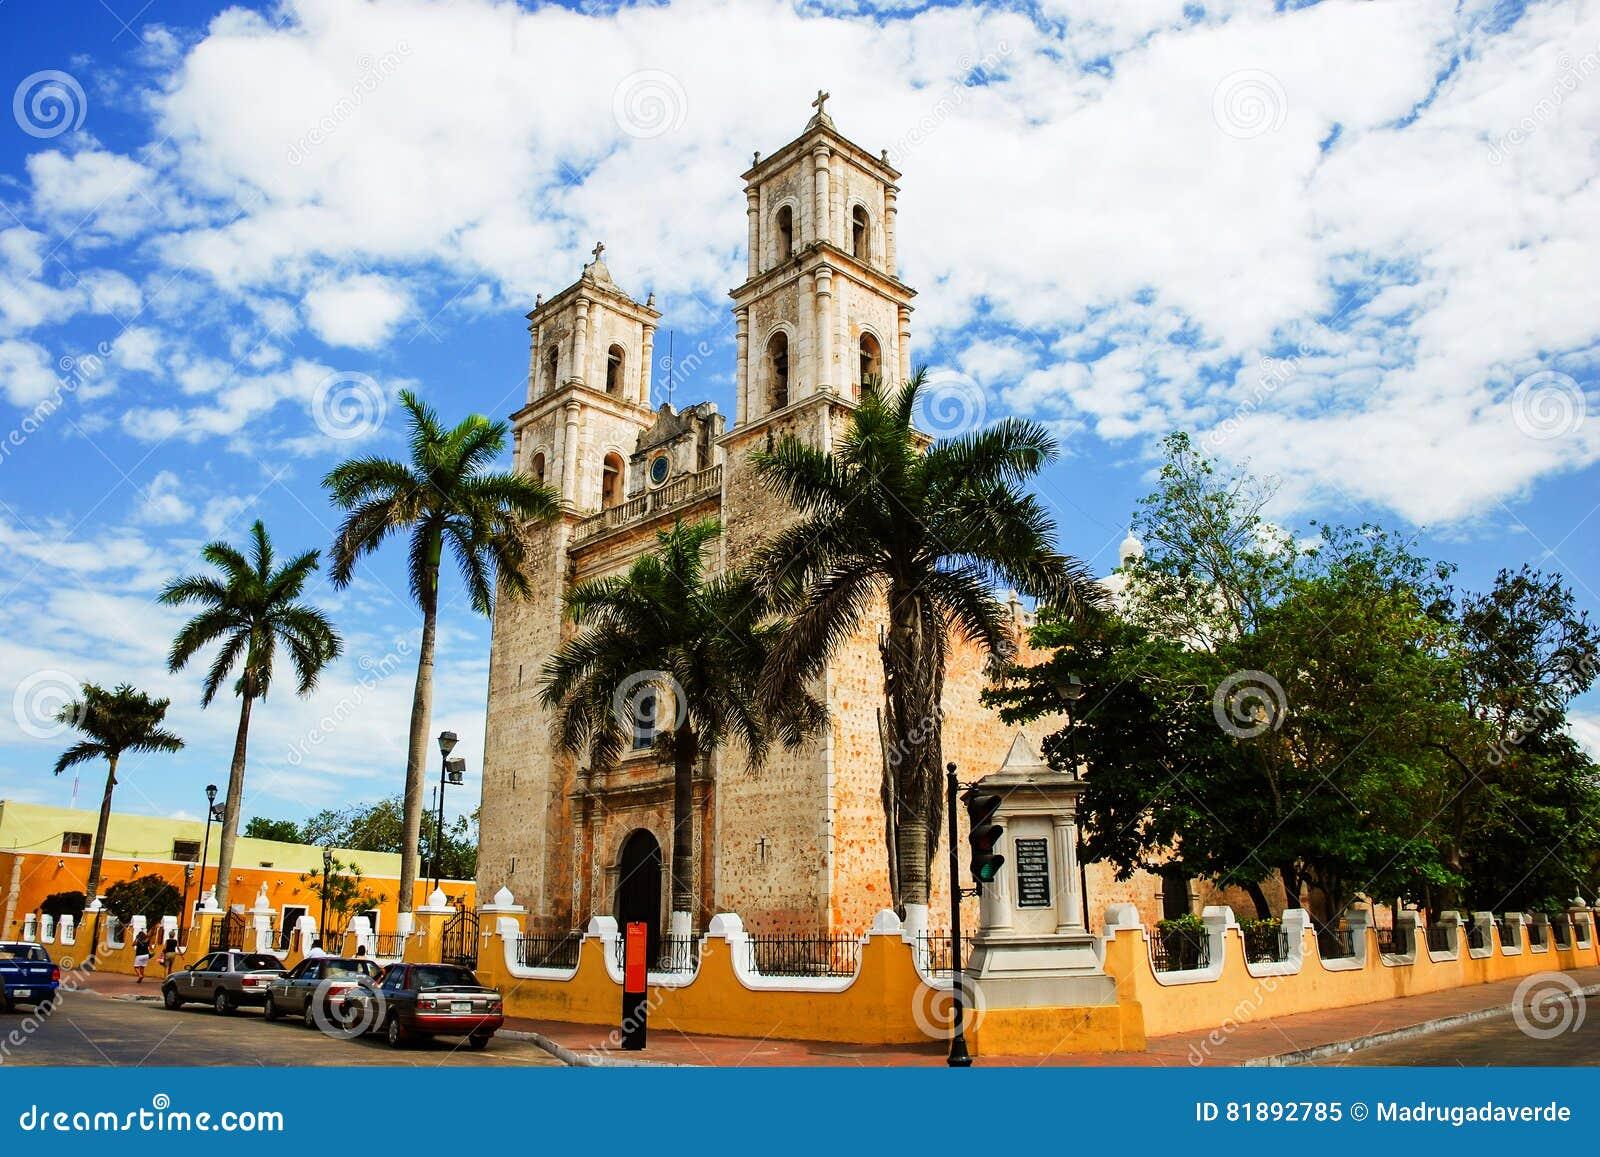 Valladolid, Mexico  Cathedral De San Servasio Stock Image